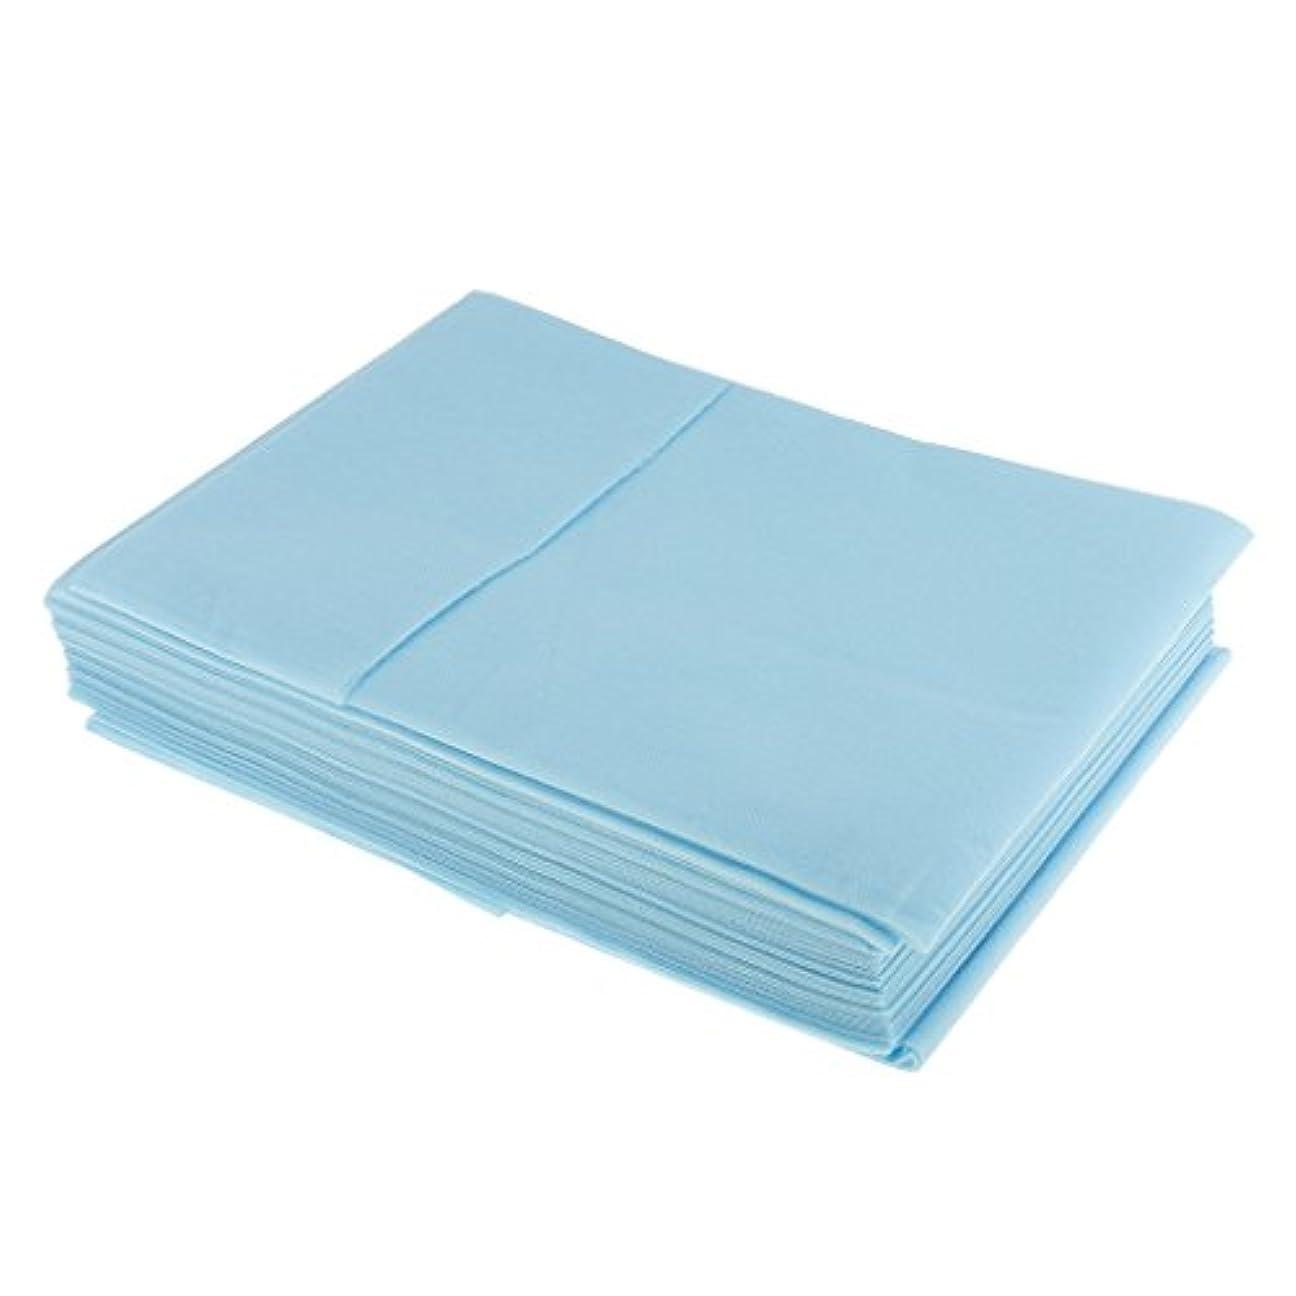 寄託脅迫葉を拾うPerfk 10枚入り 使い捨て 衛生シート ベッドパッド 旅行用 美容室/マッサージ/サロン/ホテル 店舗用品 全3色選べ - 青